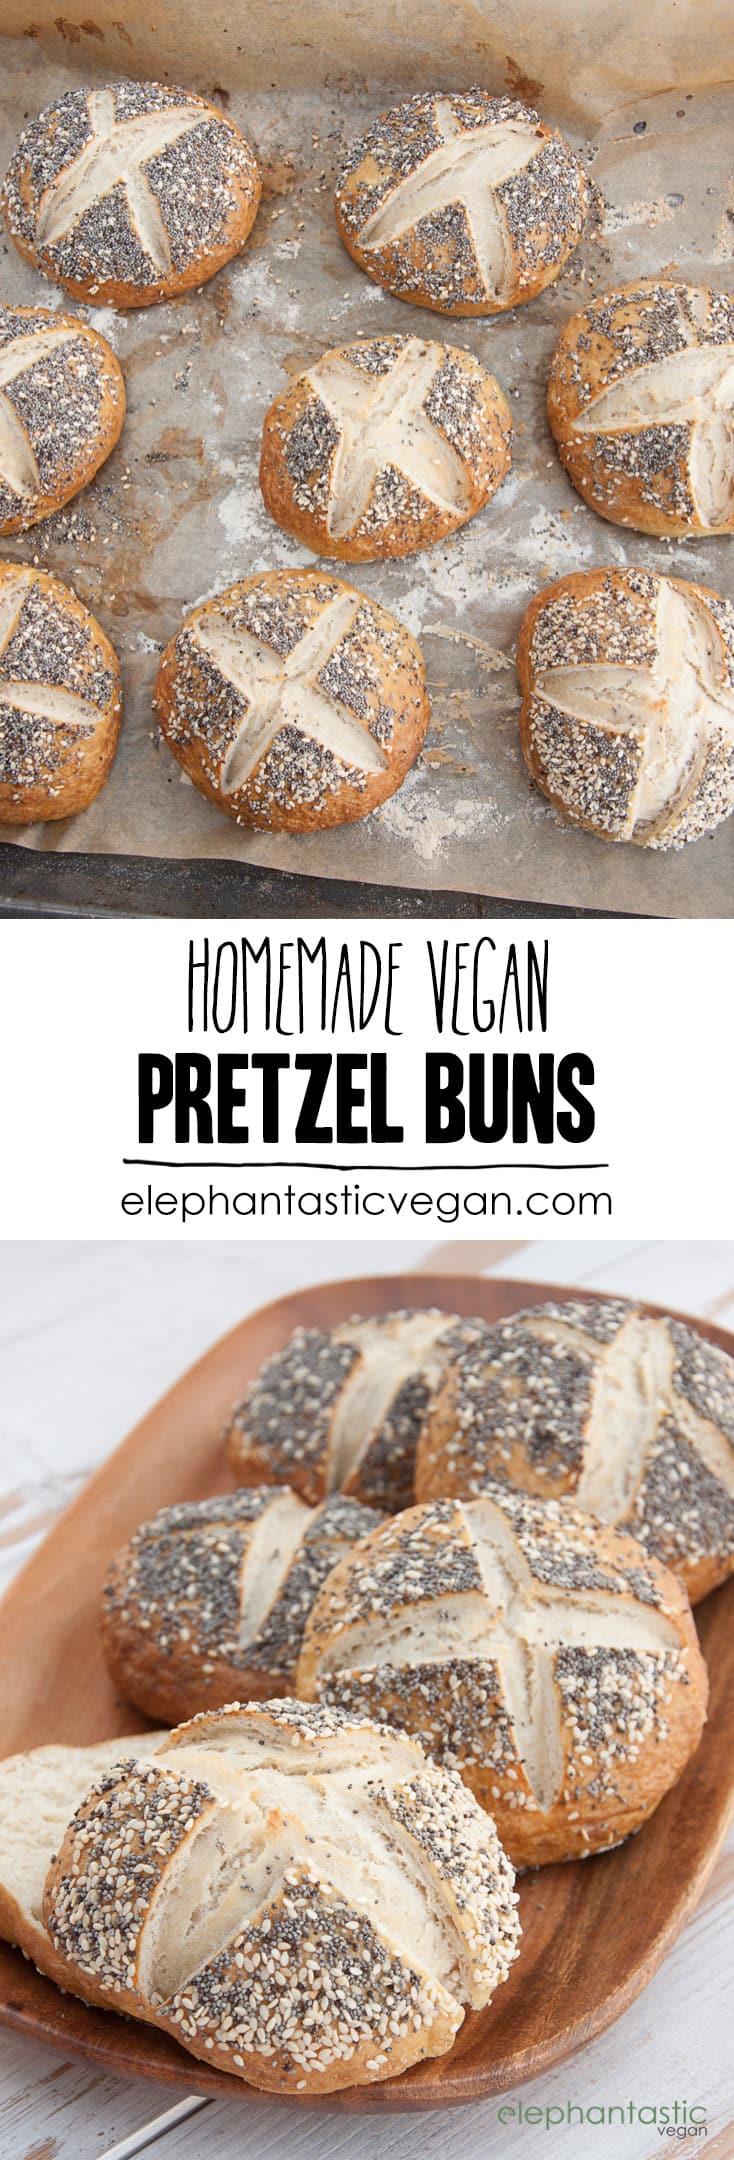 Homemade Vegan Pretzel Buns #vegan #pretzel #buns #burger #bread